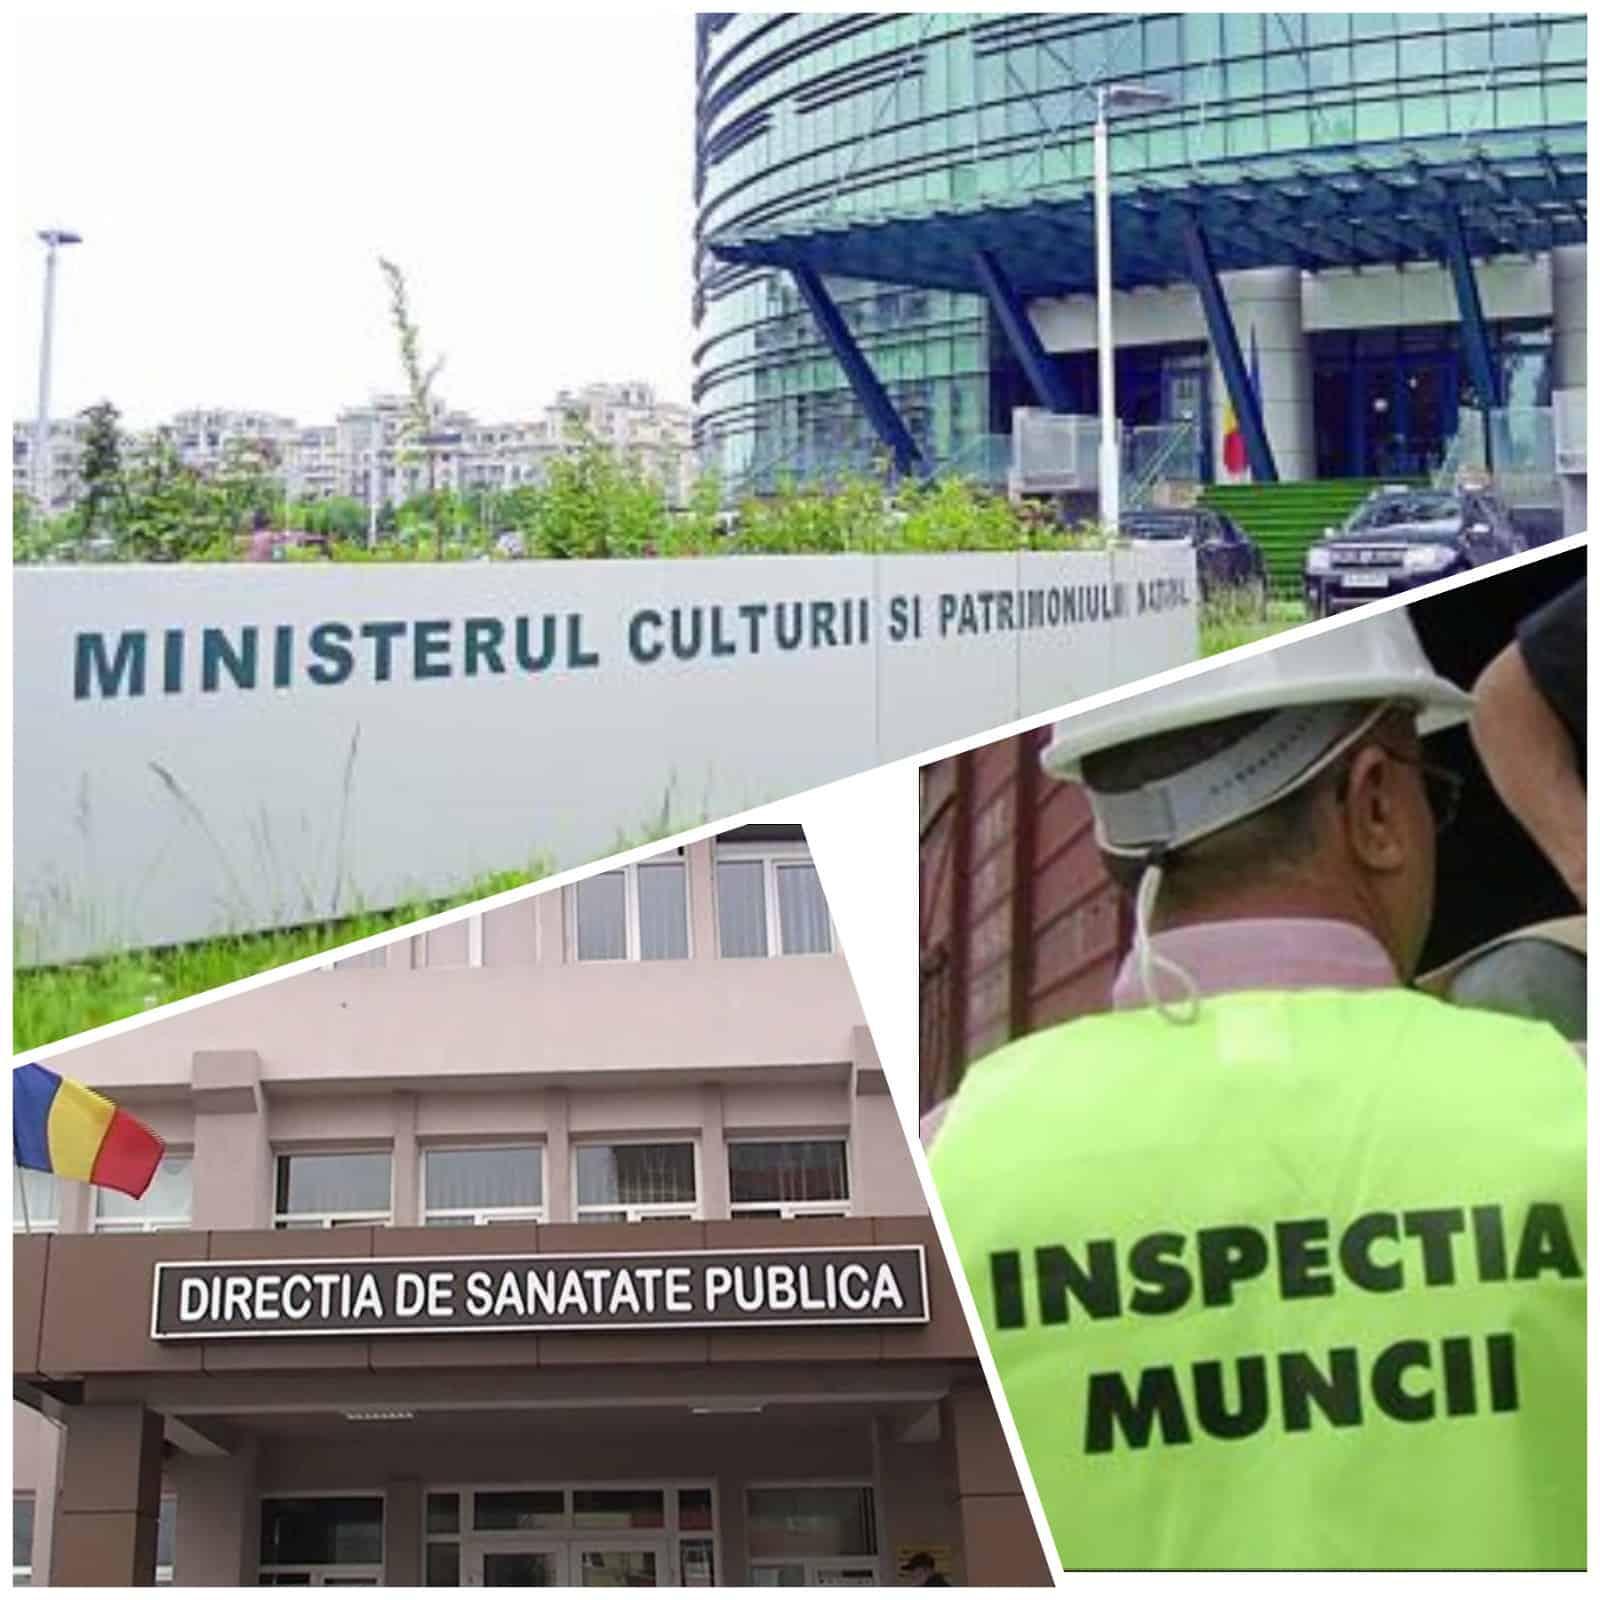 Ilegalități la nivelul Ministerului Culturii, tolerate de autorități